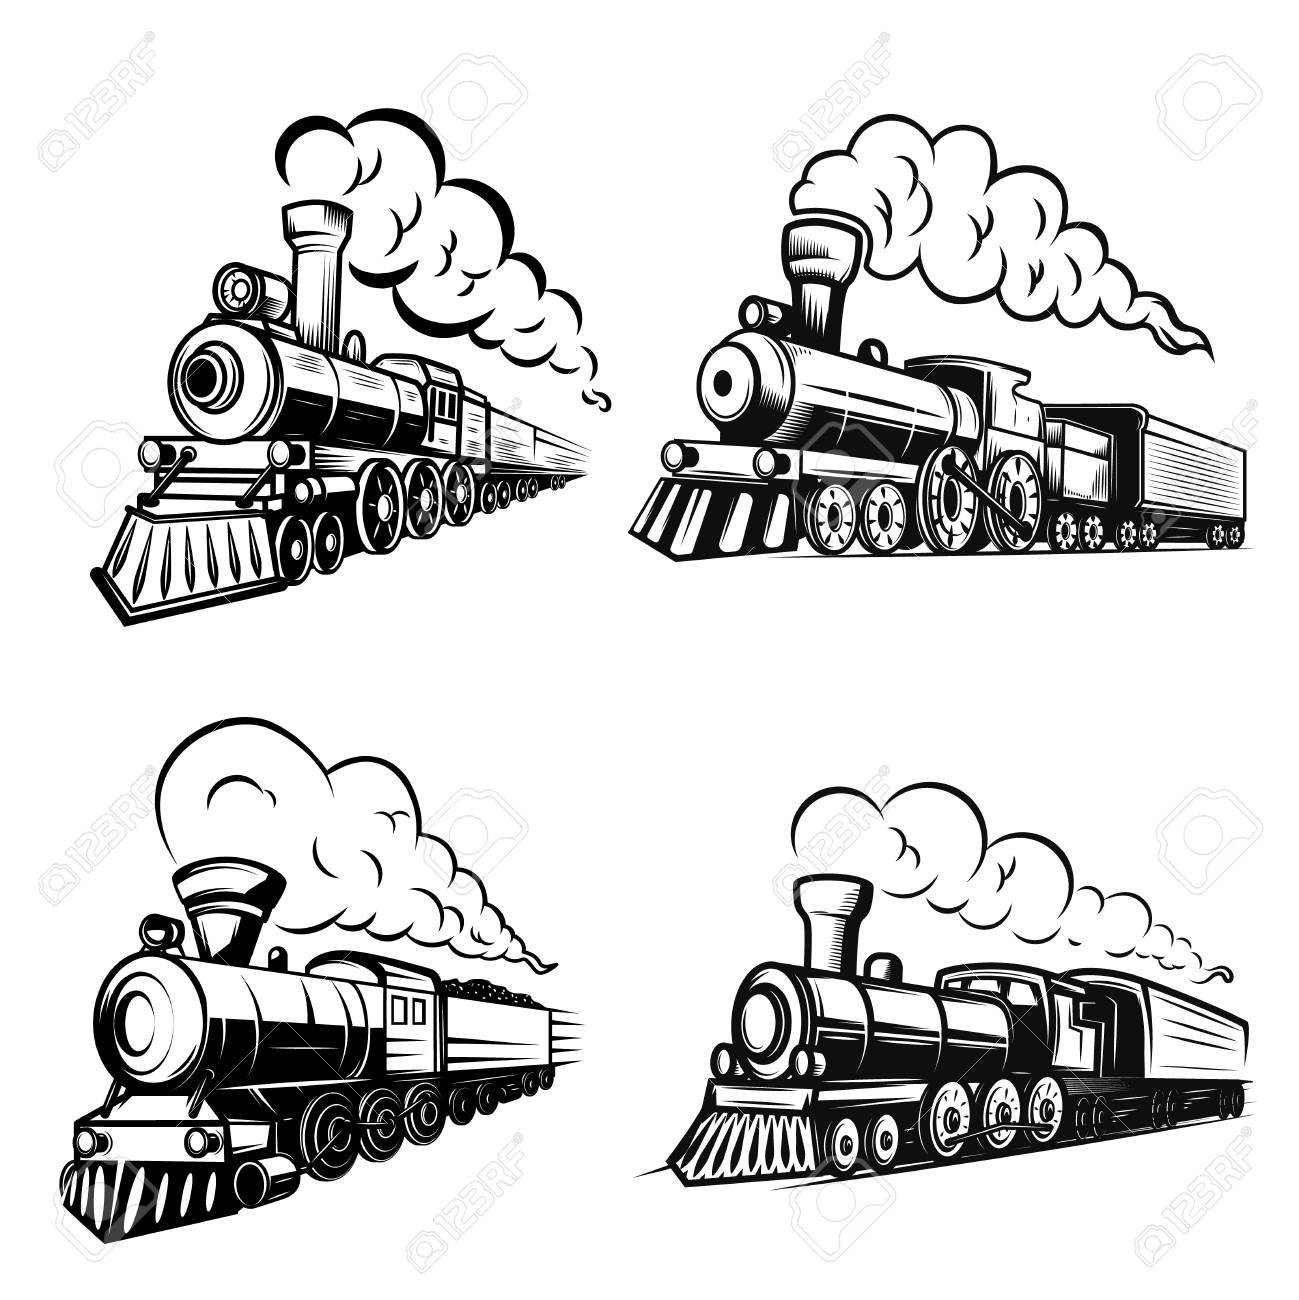 Set of retro locomotives on white background. Design elements for logo, label, emblem, sign. Vector image - 101214308